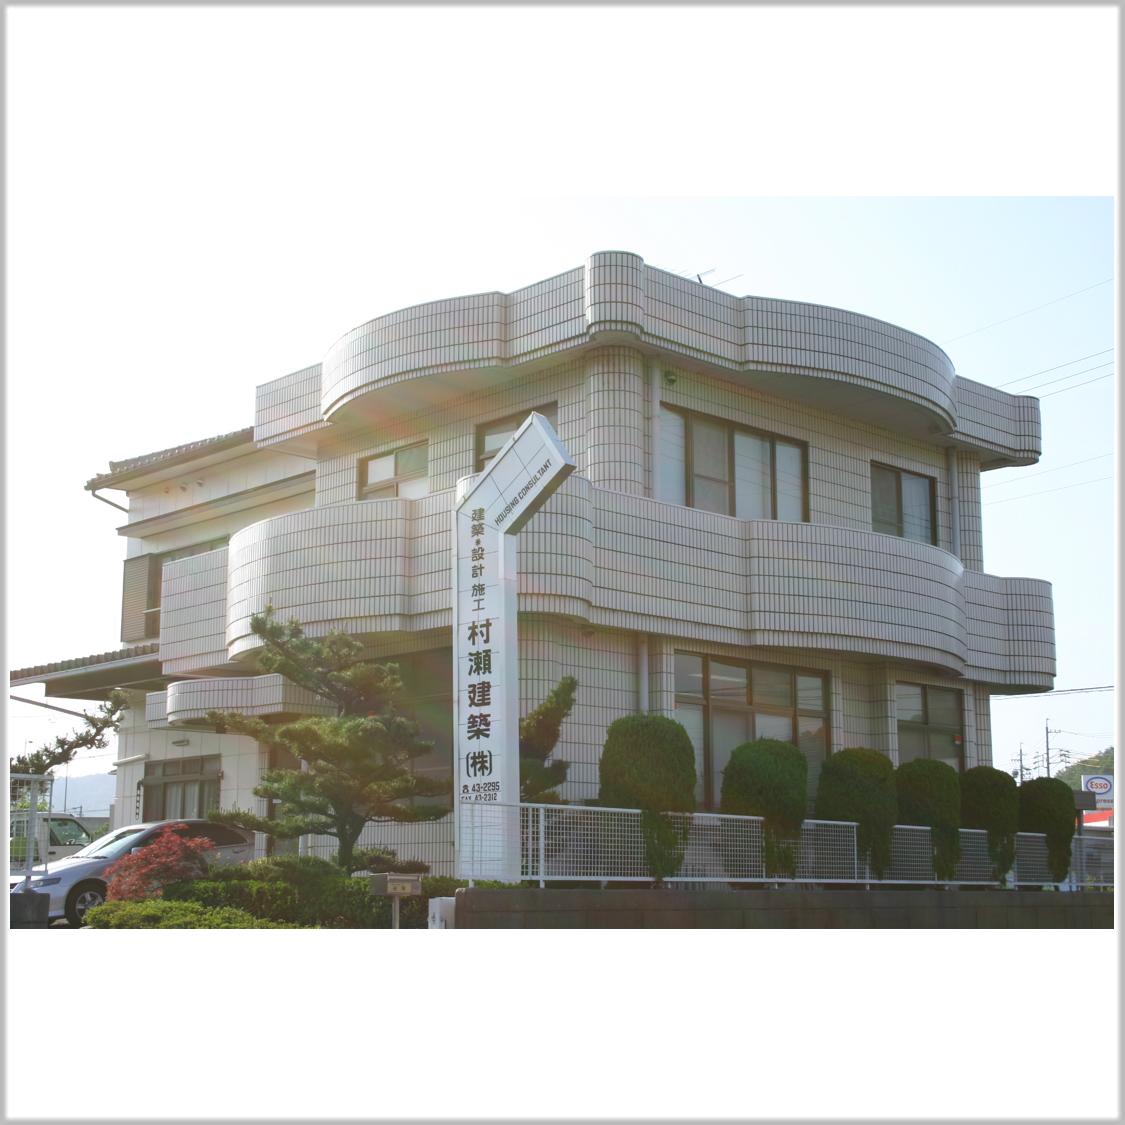 村瀬建築株式会社